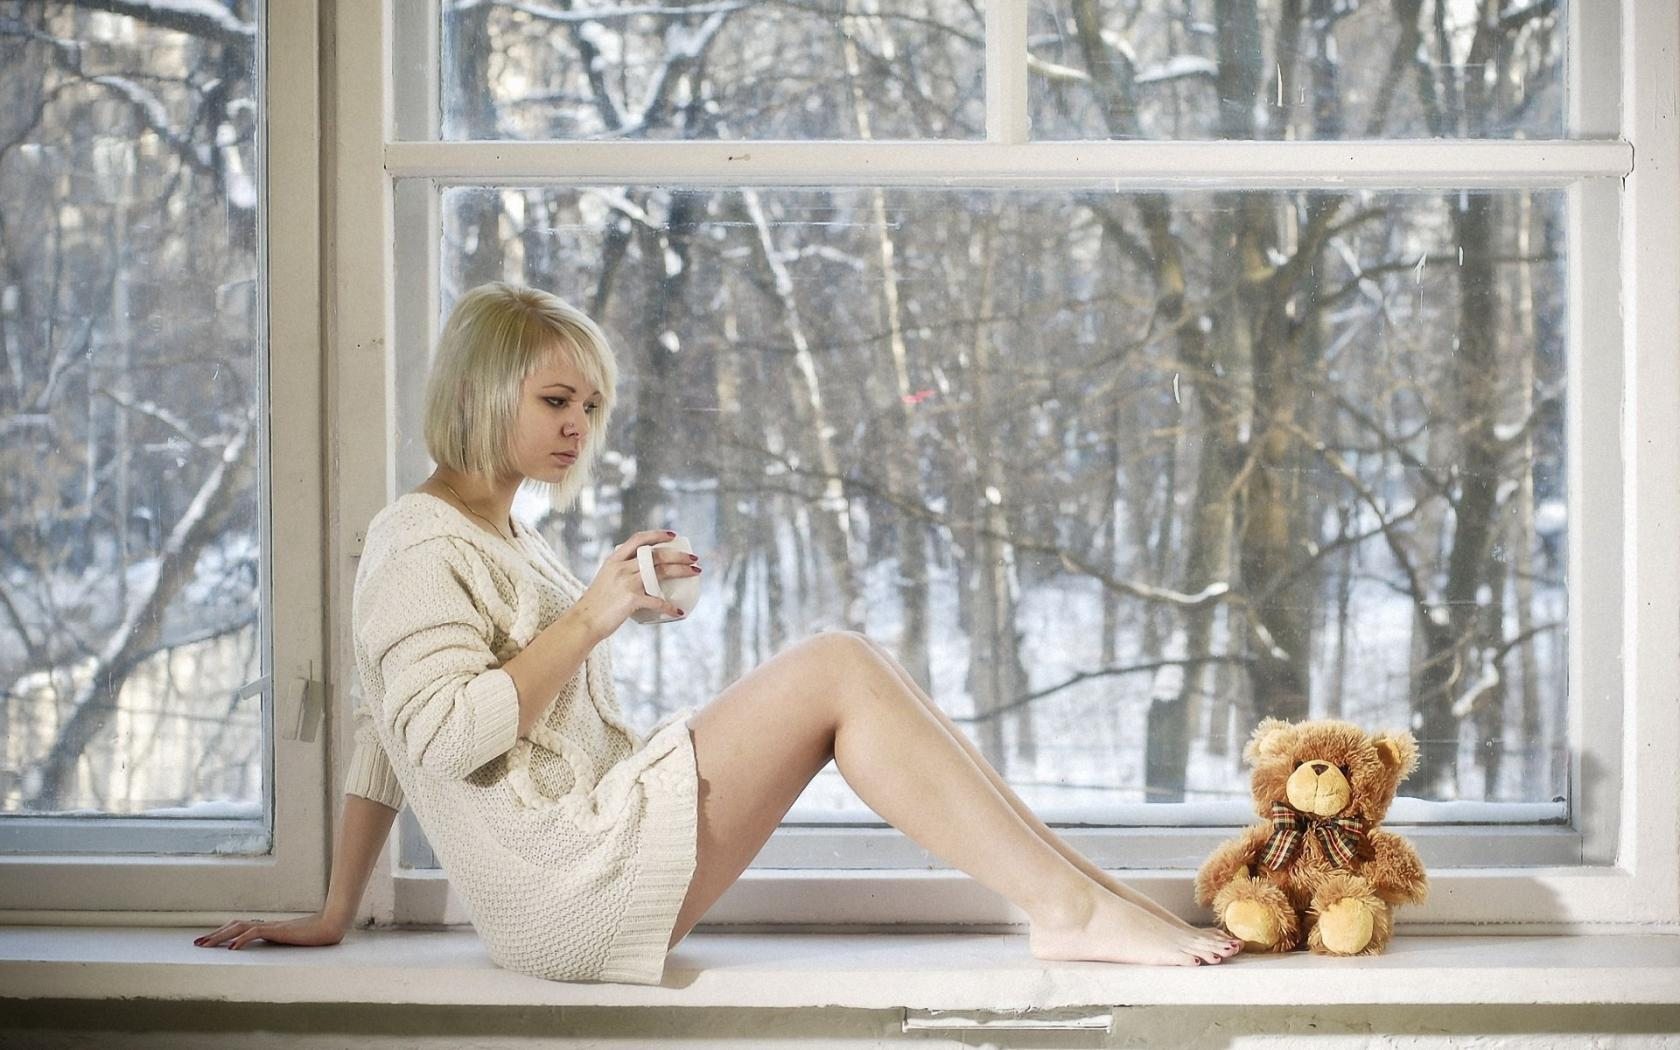 Девушка окно фото 19 фотография